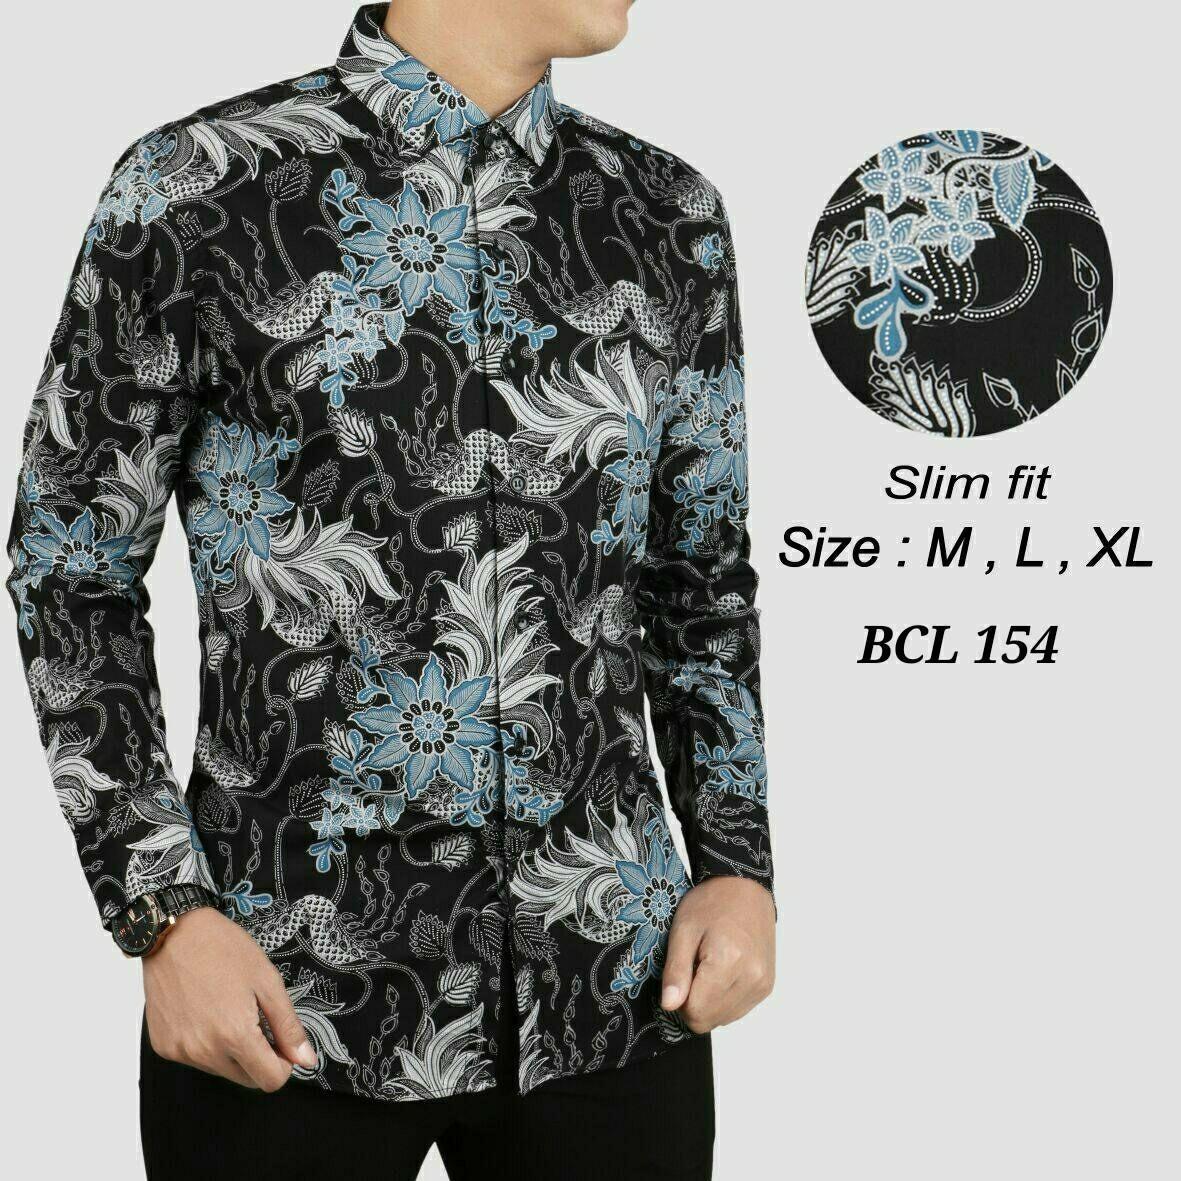 Baju Kemeja Batik Pria Slimfit Motif Modern Bahan Lembut Dan Adem Tidak Mudah Luntur Terbaru 2018